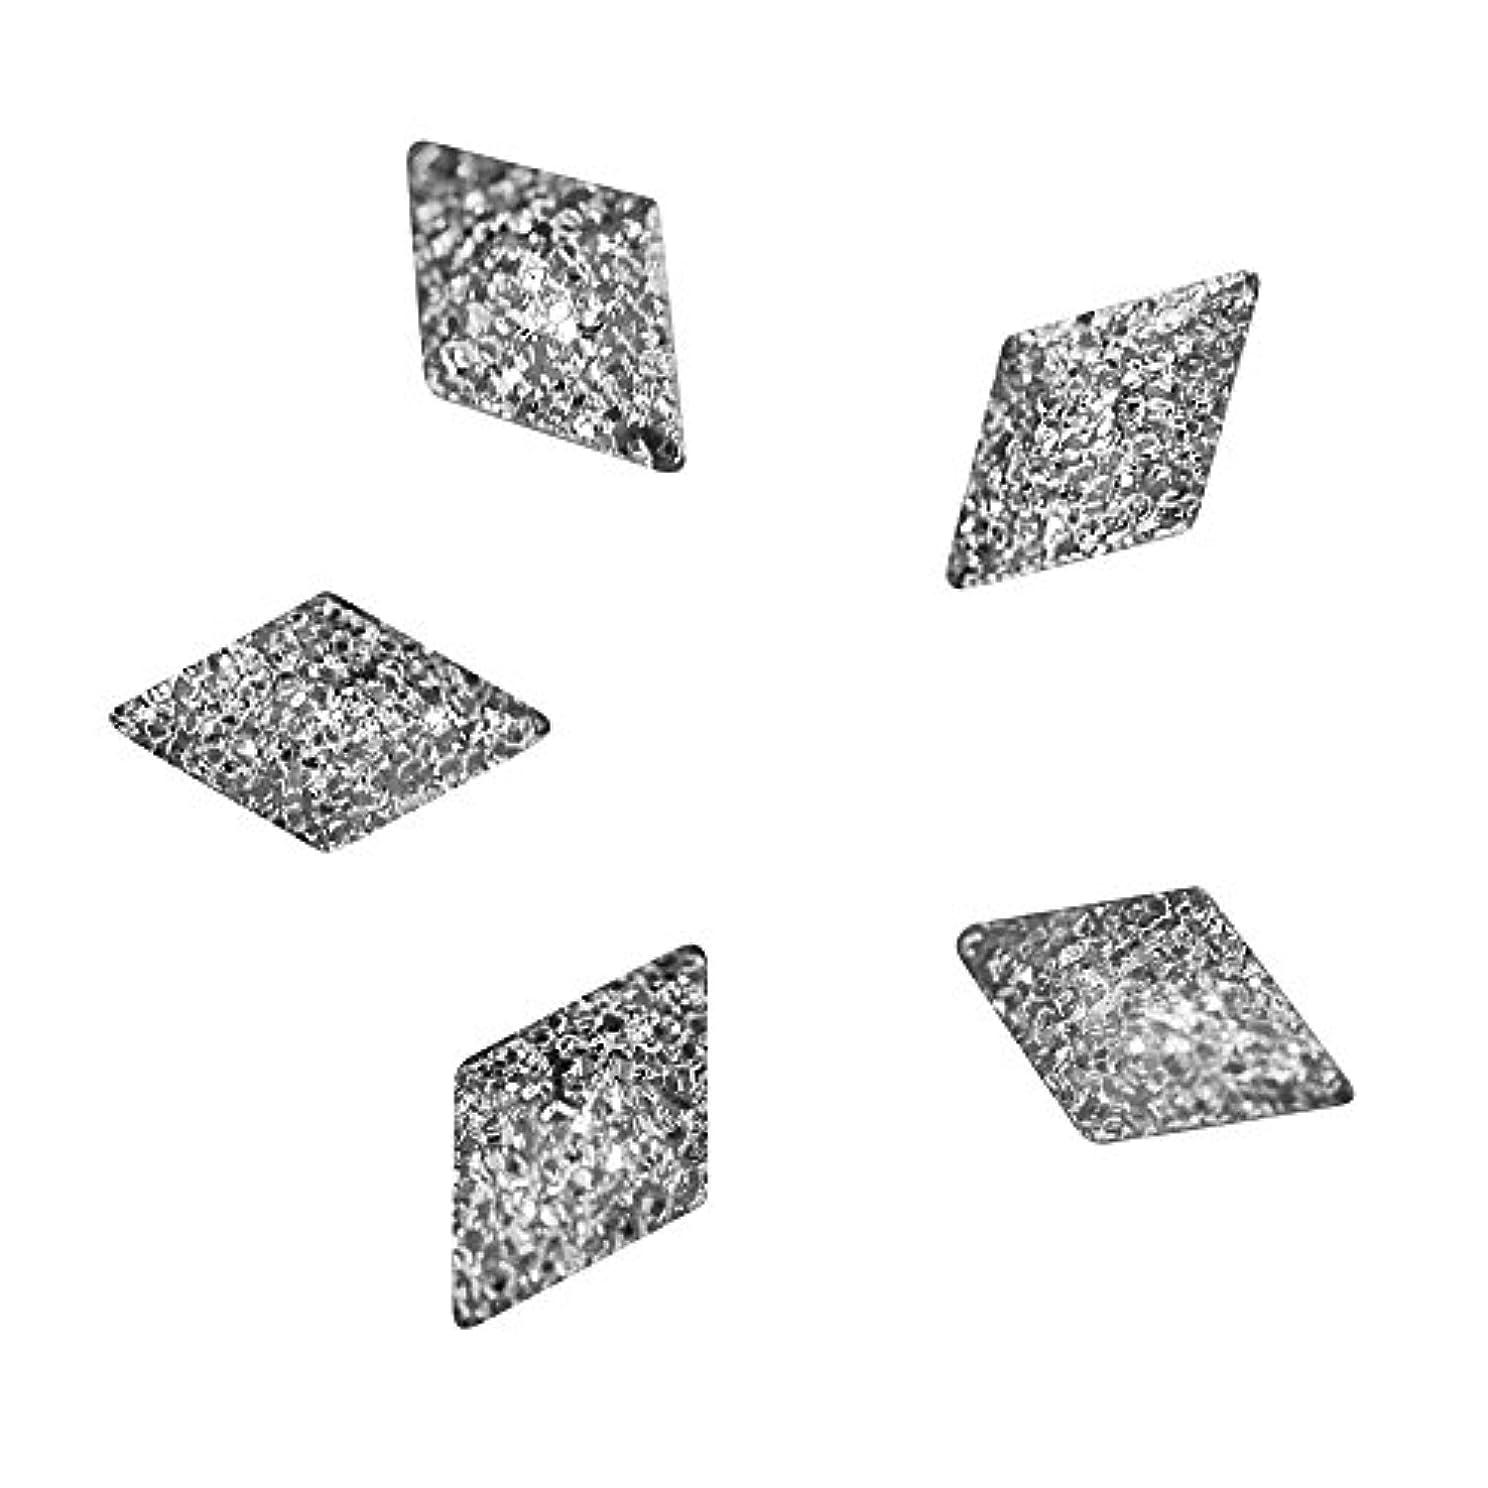 窓を洗うリムペネロペBonnail ラフスタッズシルバー ダイヤ5×3mm